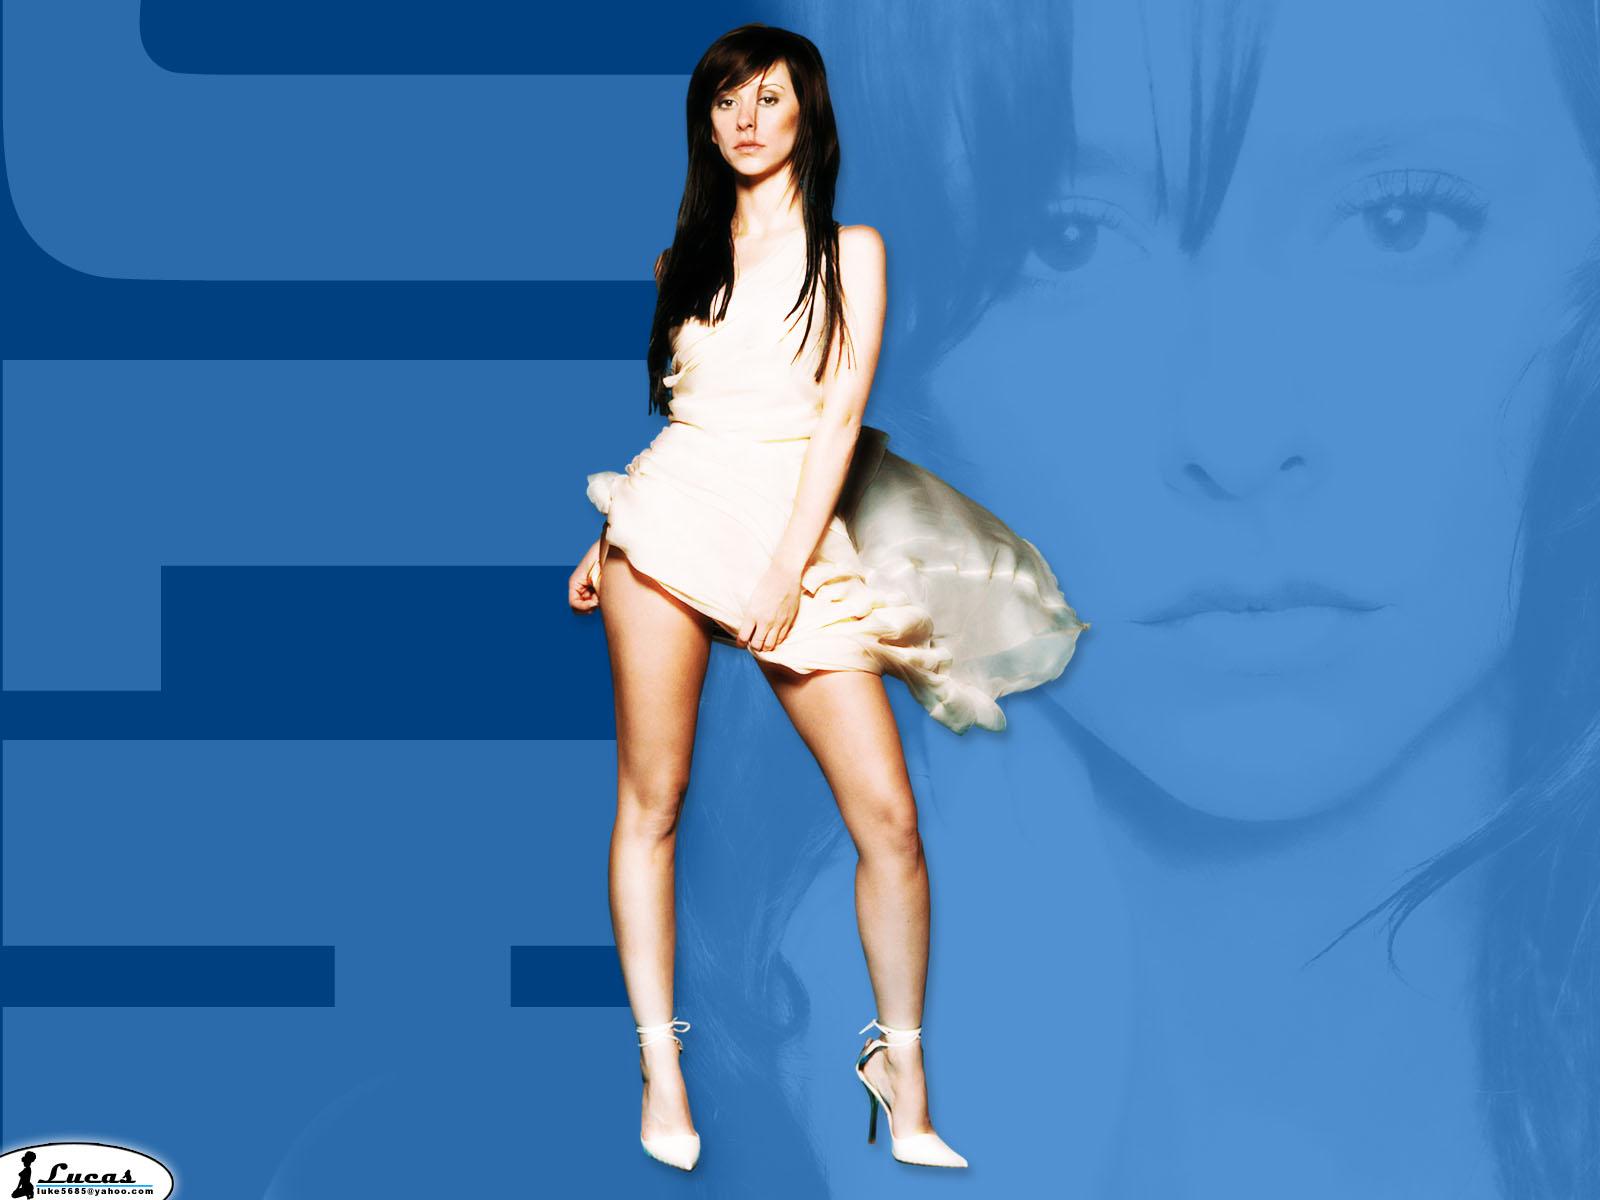 S Love J Wallpapers : J. Love - Jennifer Love Hewitt Wallpaper (234647) - Fanpop